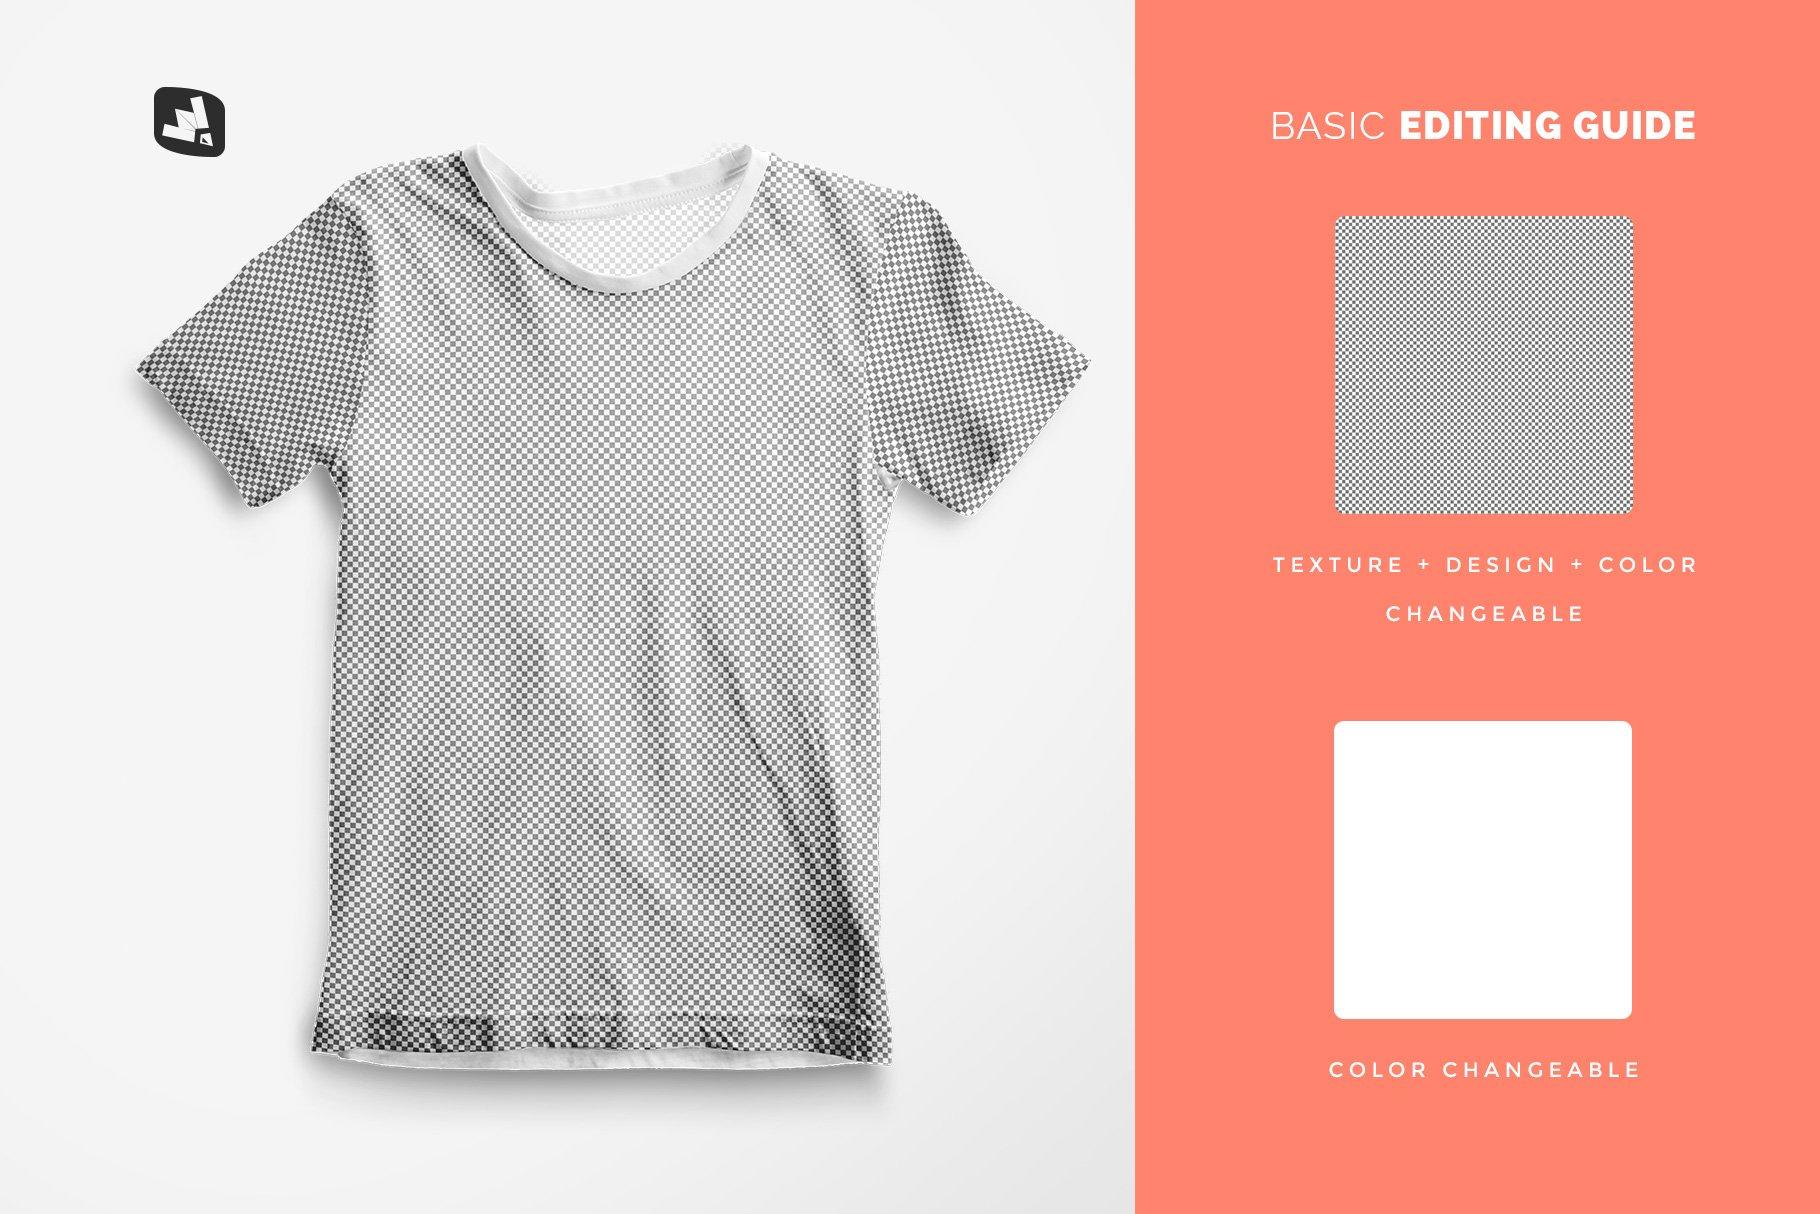 顶视图男孩夏季半袖T恤衫样机模板 Top view Boy's Summer Tshirt Mockup插图(7)